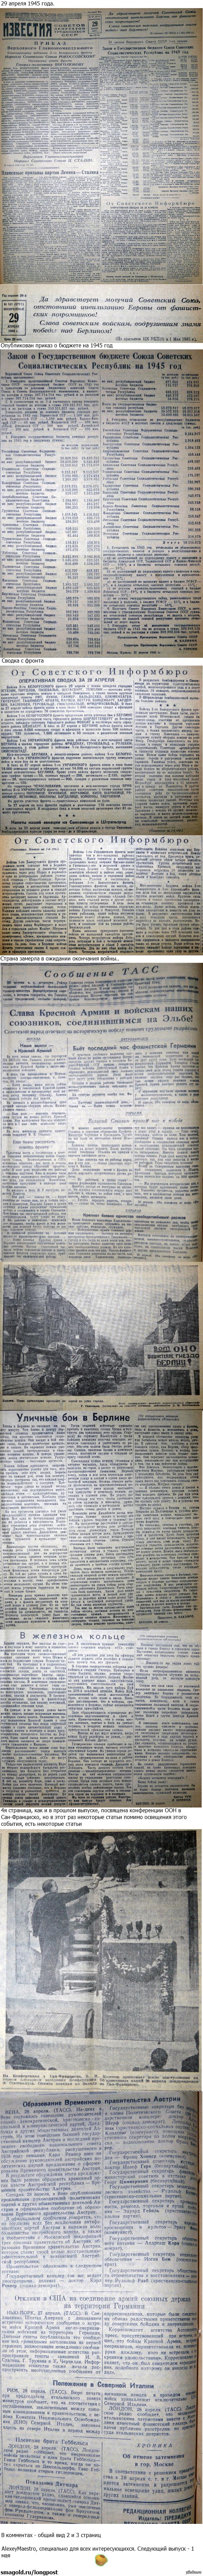 29 апреля 1945 года Бюджет на 1945 года, сводки с фронта и всеобщее ожидание конца войны